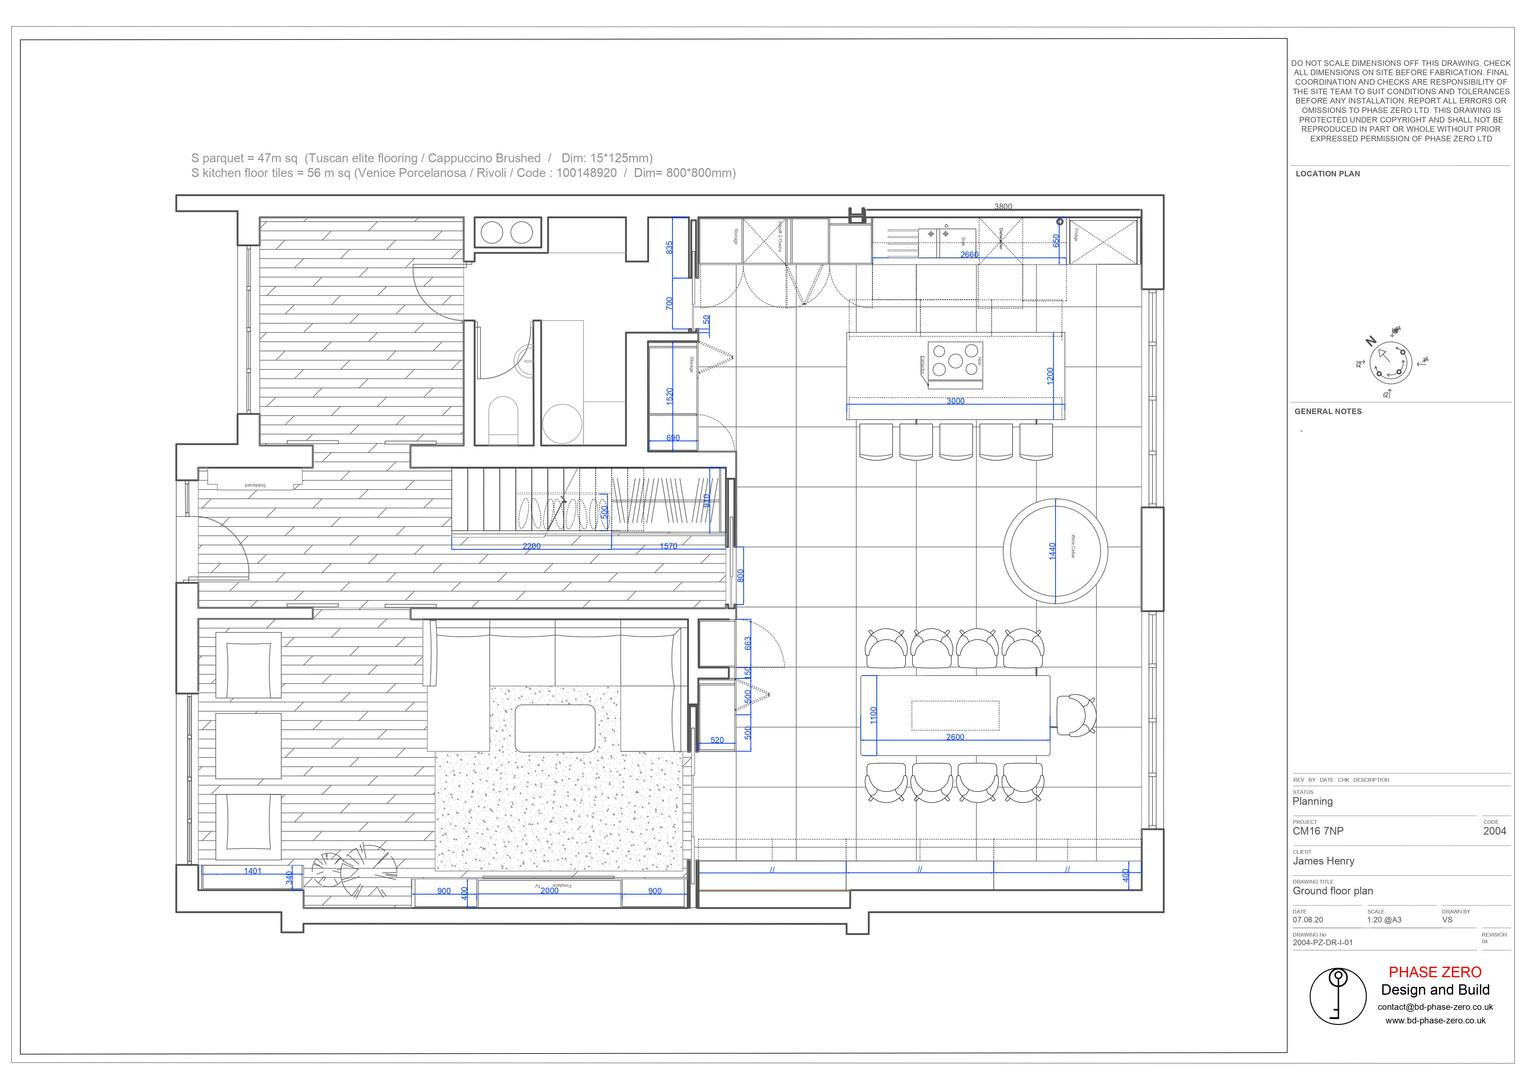 interior plan.jpg